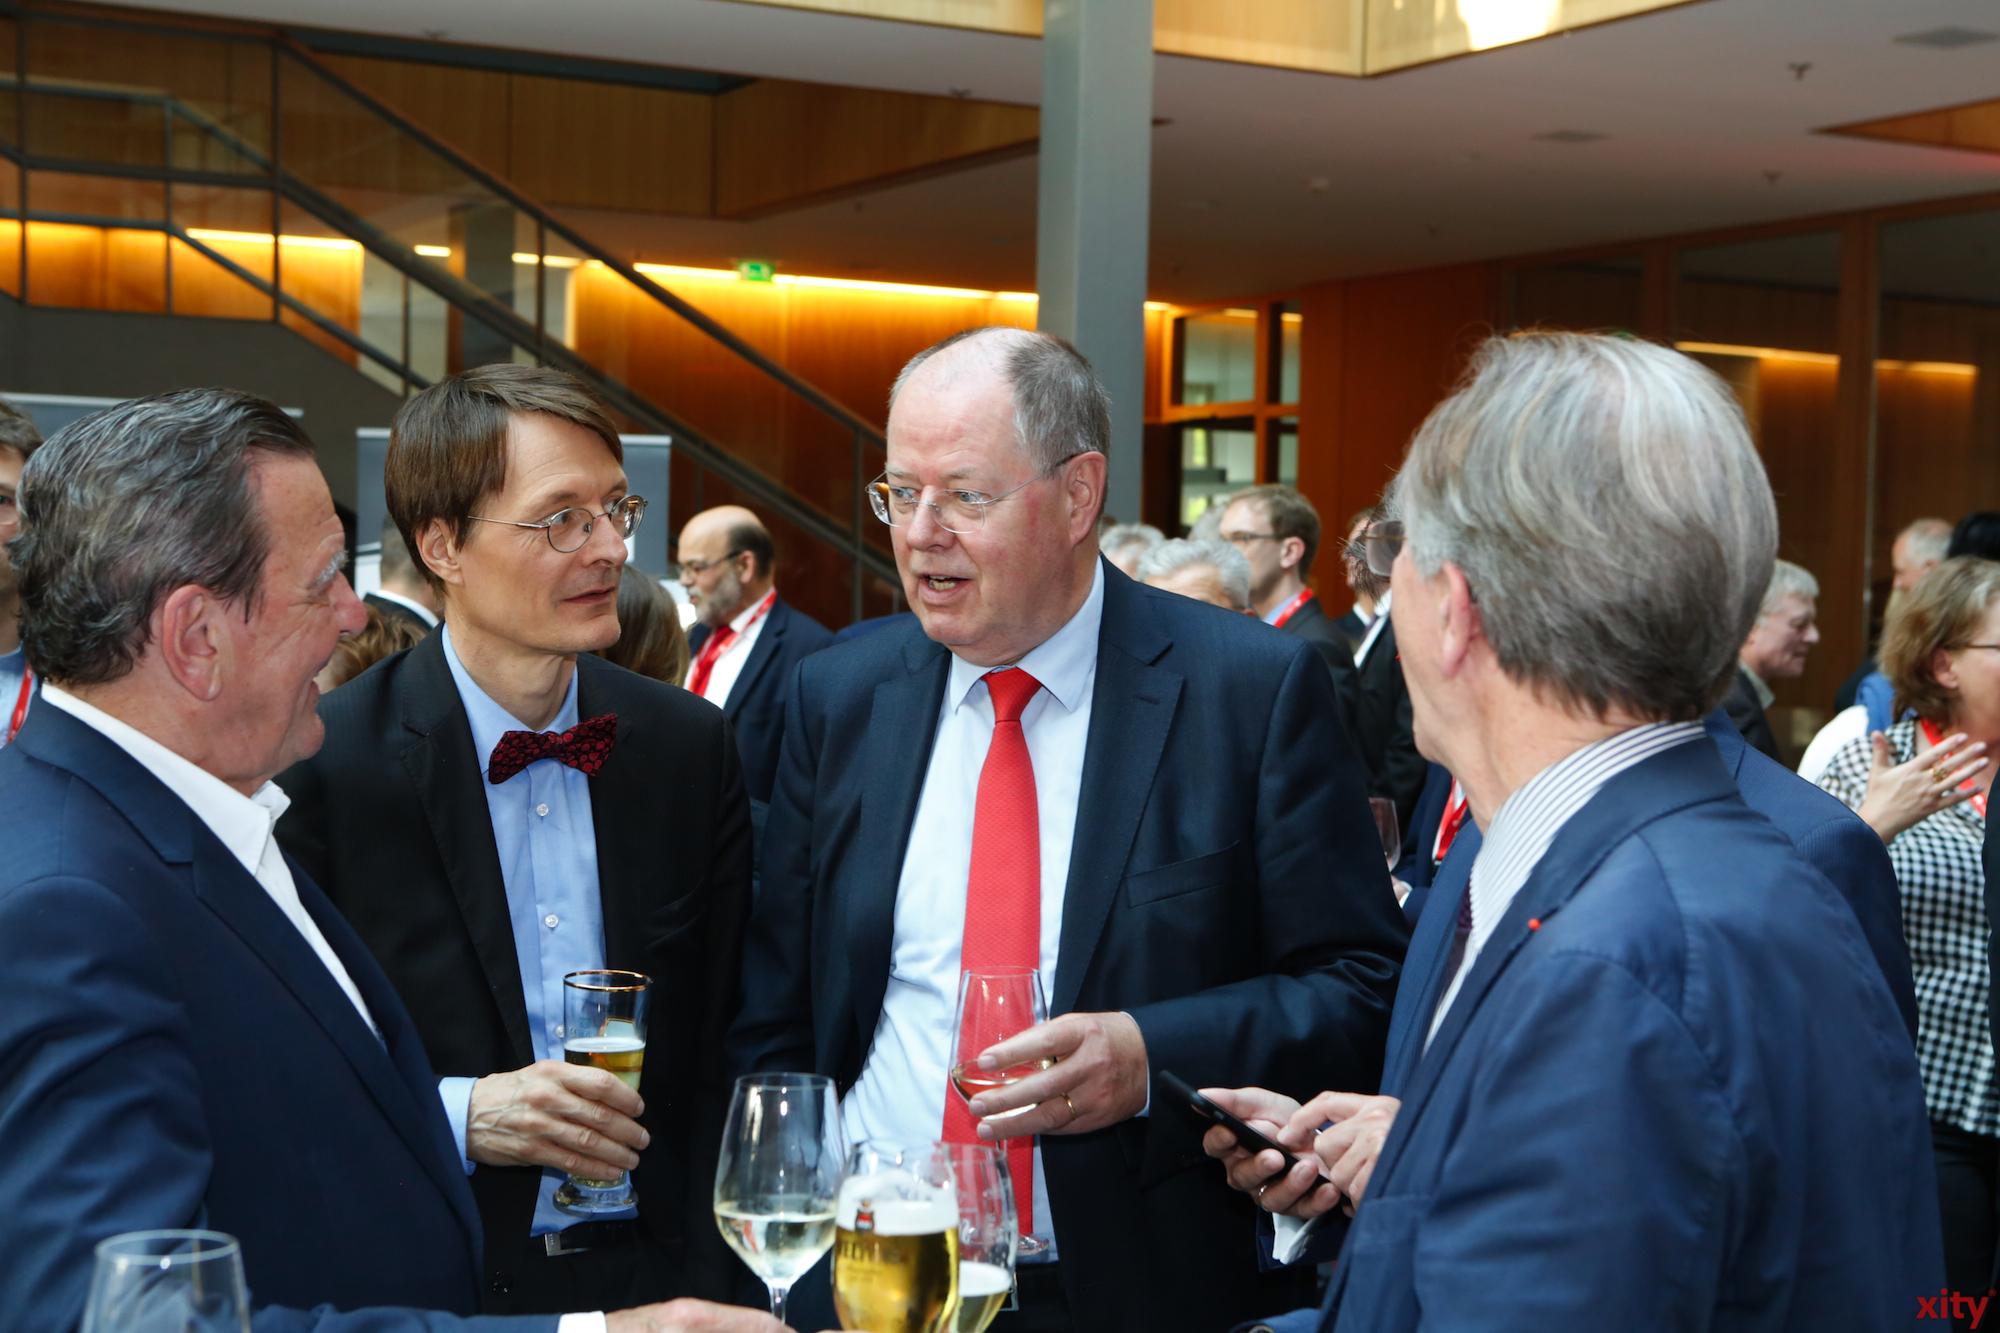 (v.l.) Gerhard Schröder, Karl Lauterbach MdB, Peer Steinbrück und Franz Müntefering (Foto: xity)